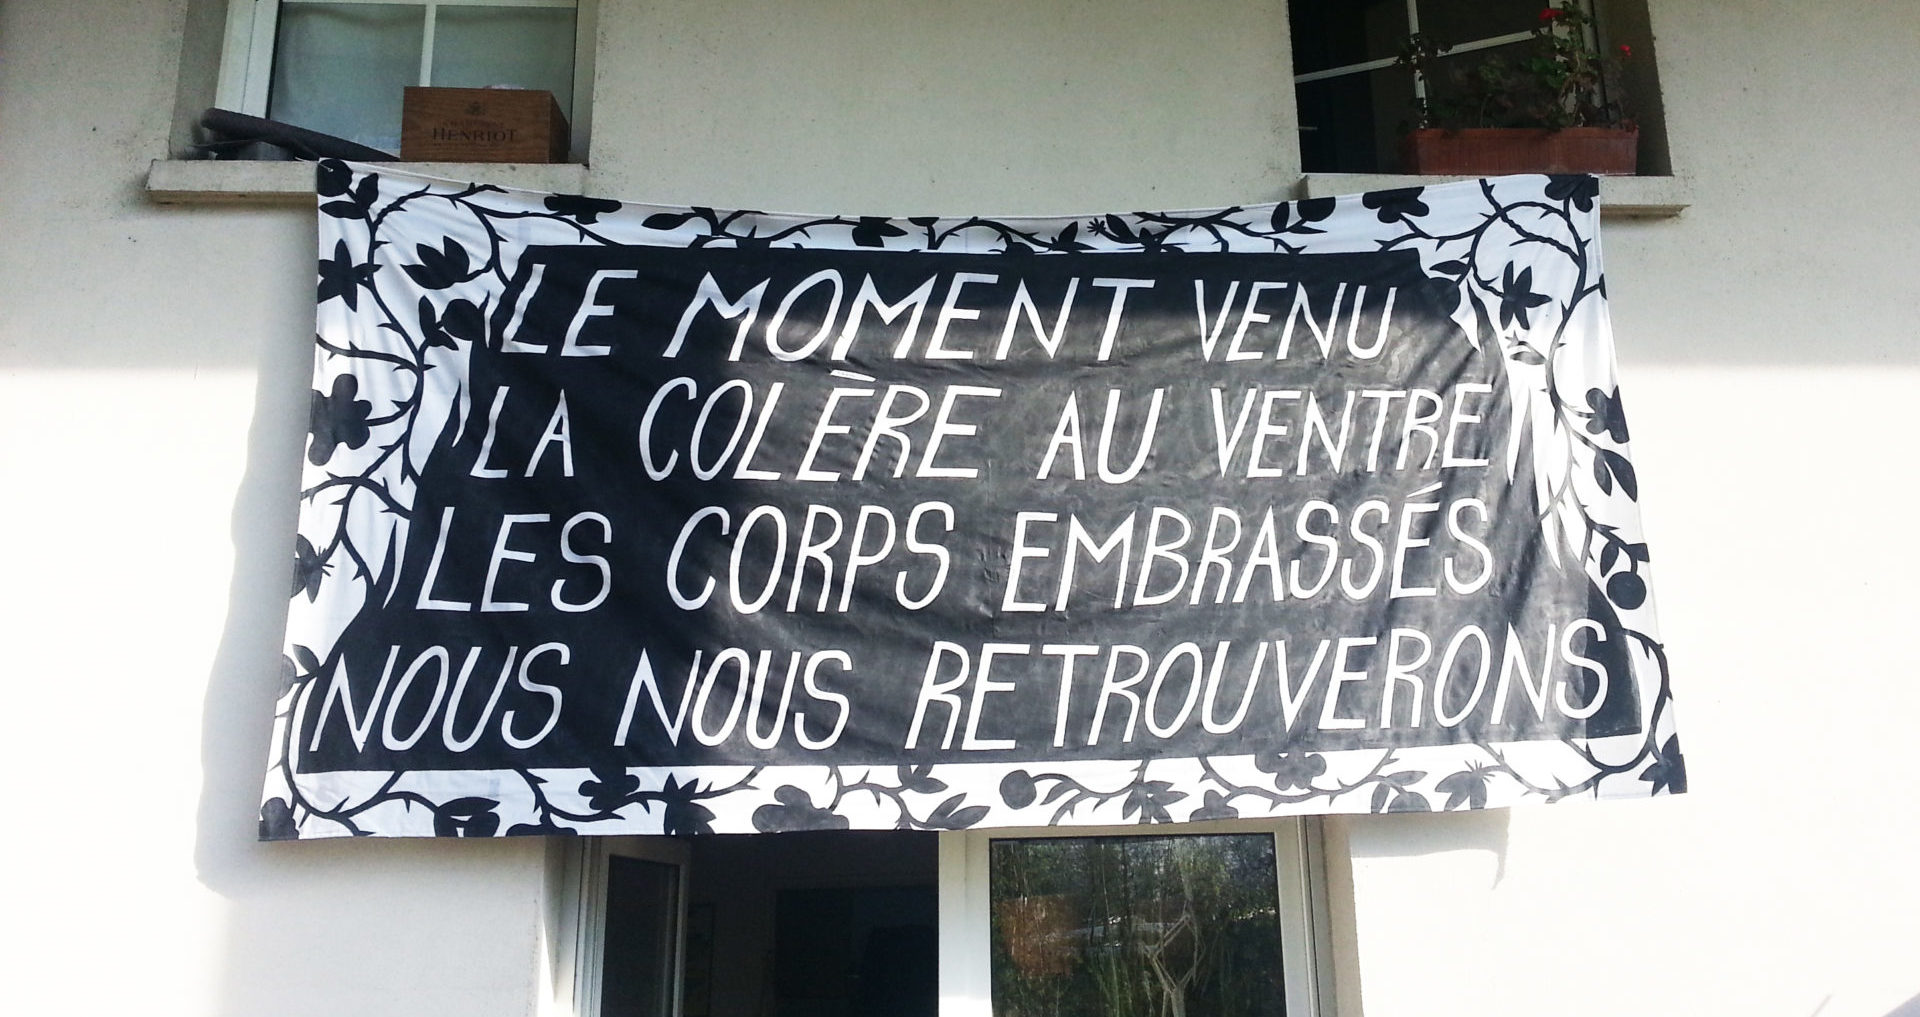 200428 - Banderole Le Moment venu nous nous retrouverons by Atelier McClane - La Déviation